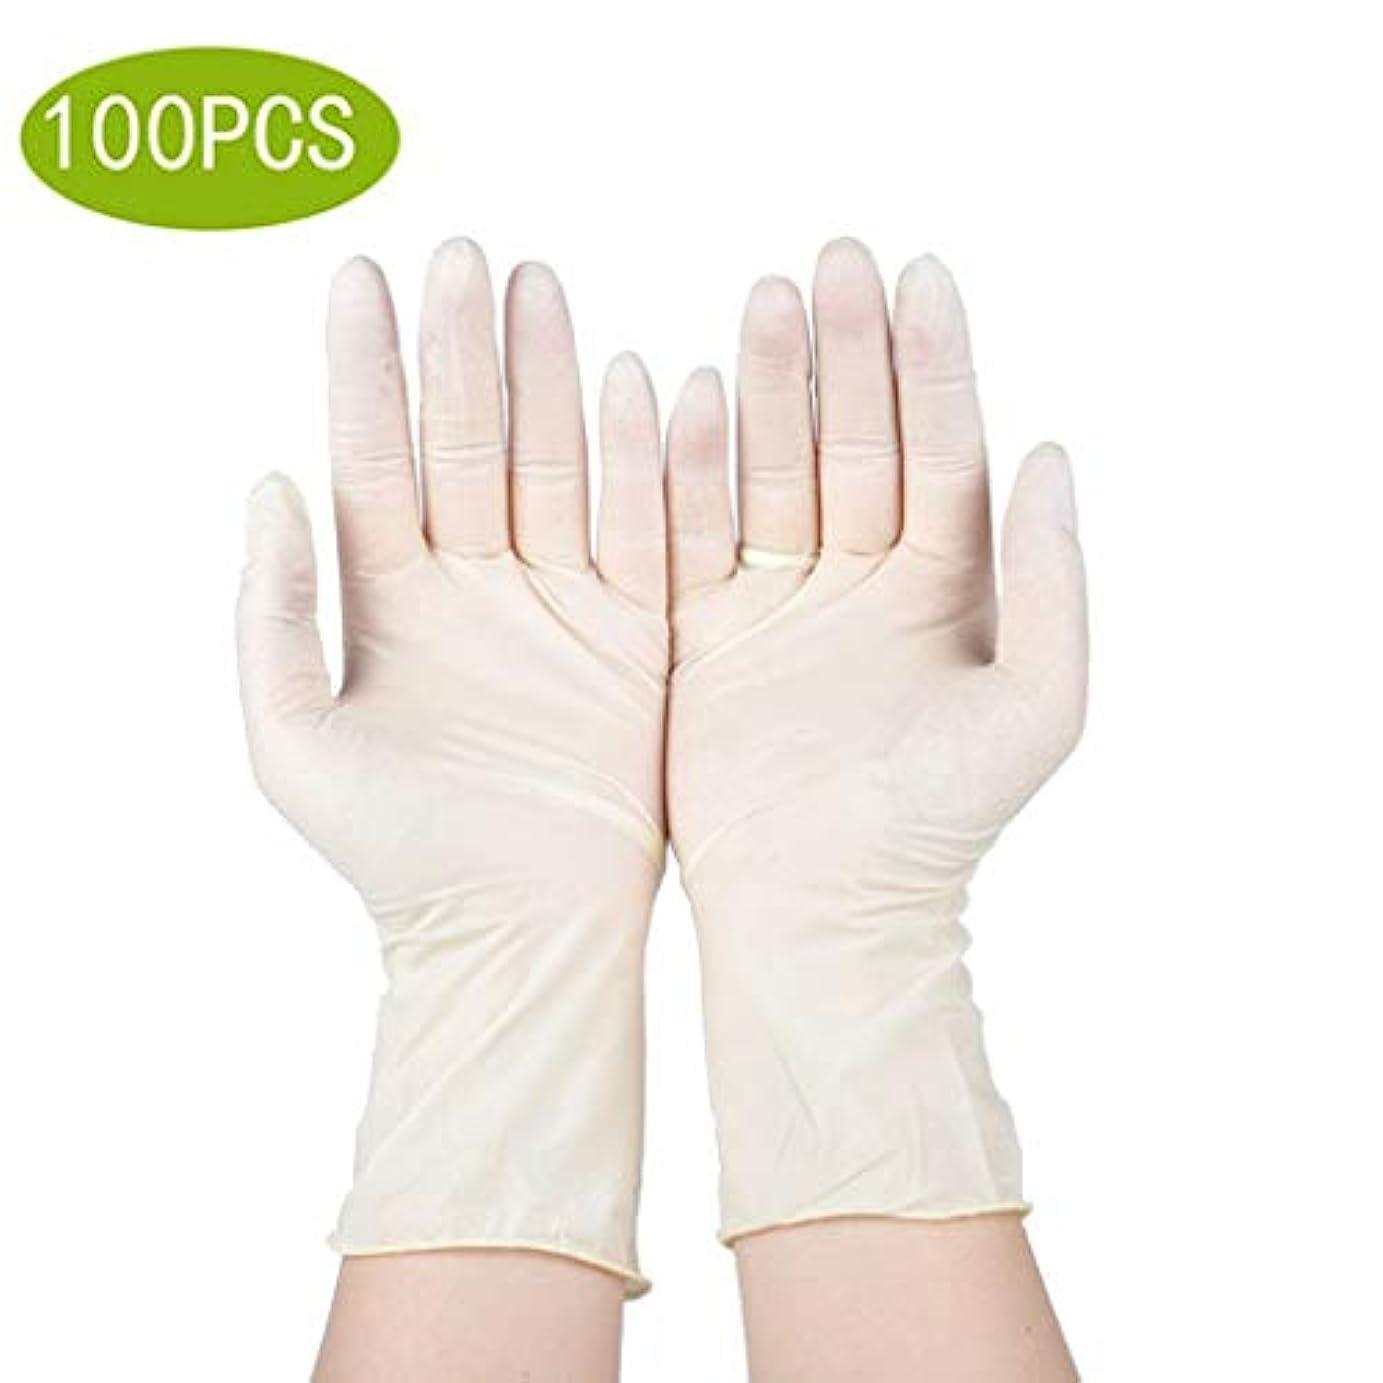 居住者論争上昇ニトリル試験用手袋 - 医療用グレード、パウダーフリー、ラテックスラバーフリー、使い捨て、ラテックスグローブ食品安全ラテックスグローブ (Color : Latex Gloves, Size : L)